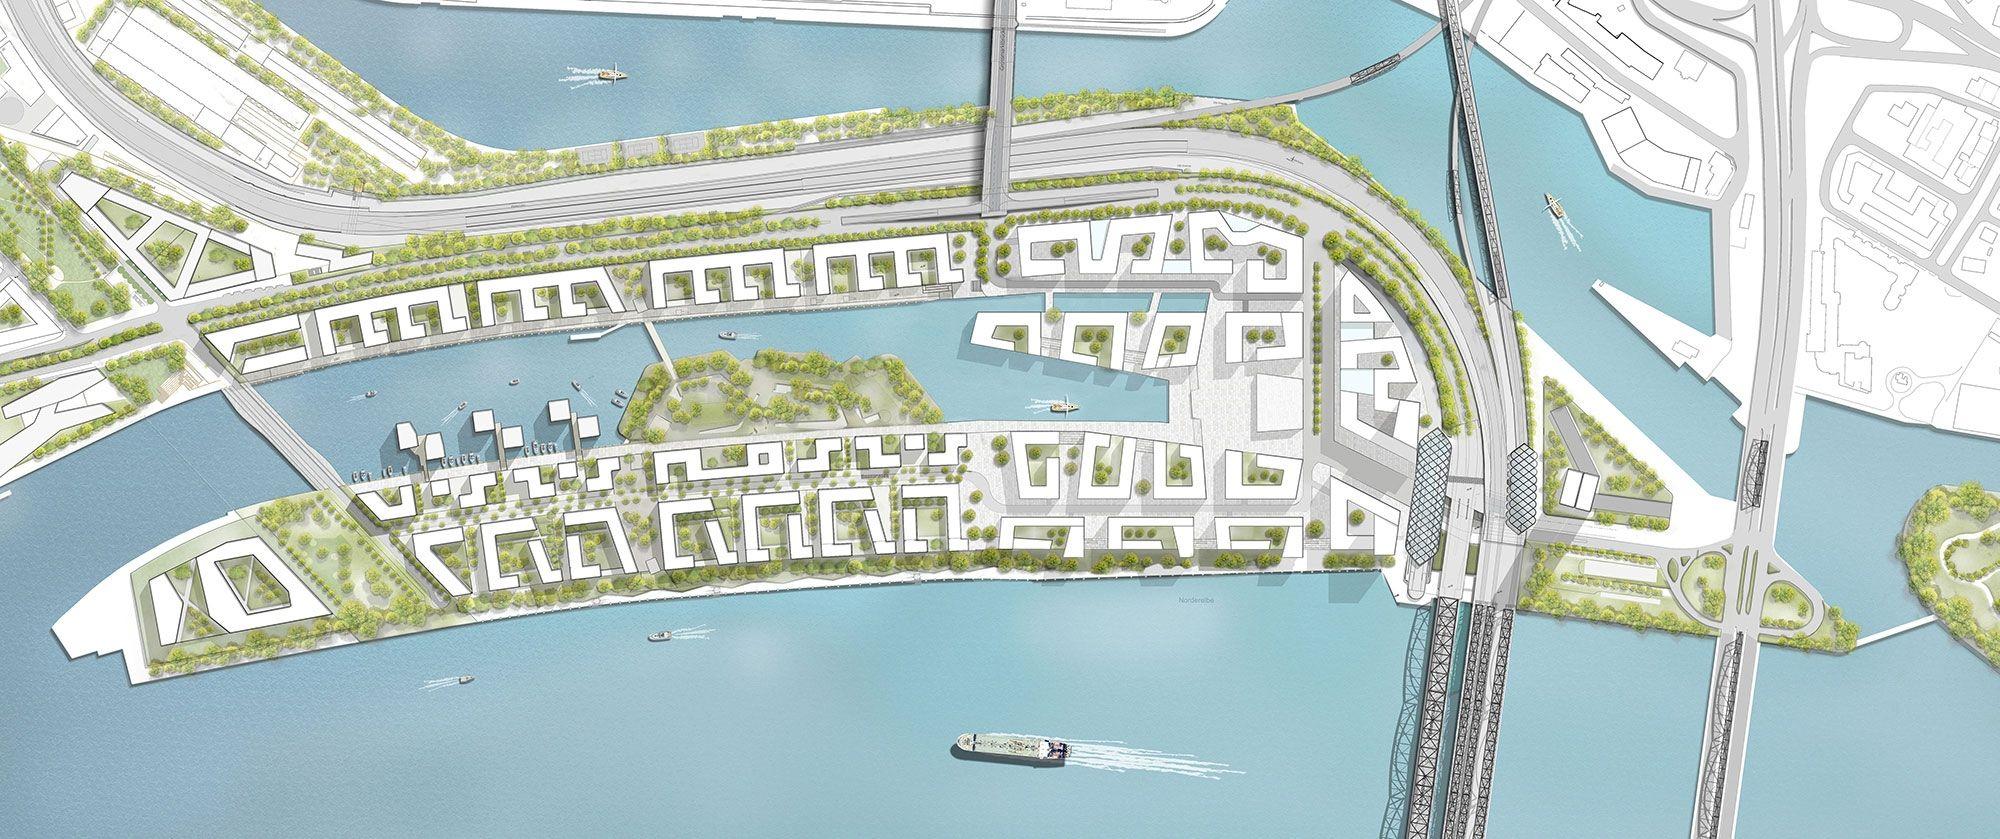 2. Preis: Stukturplan, © PFP Planungs GmbH